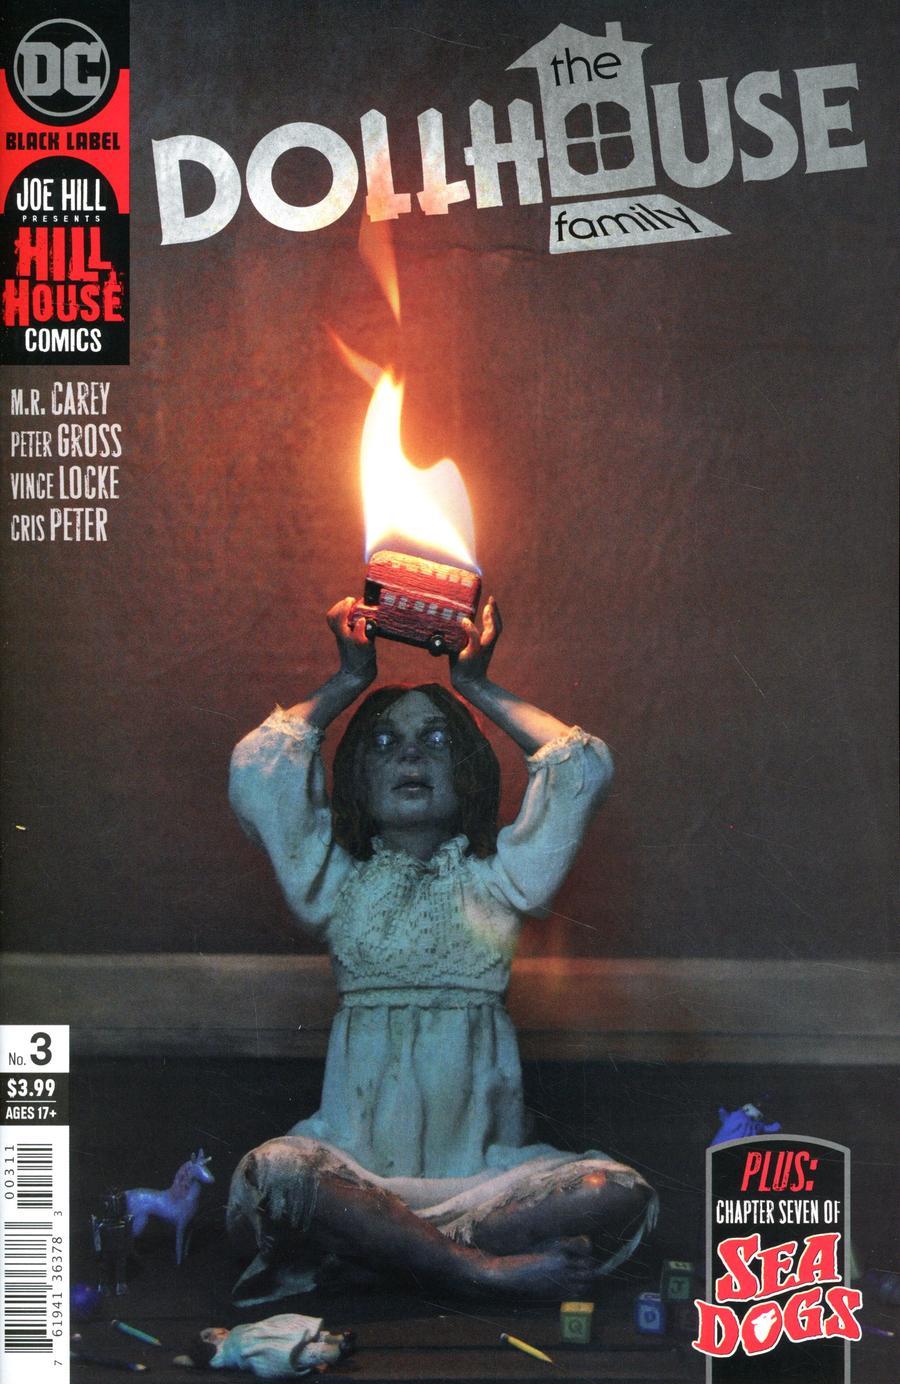 Dollhouse Family #3 Cover A Regular Jessica Dalva Cover